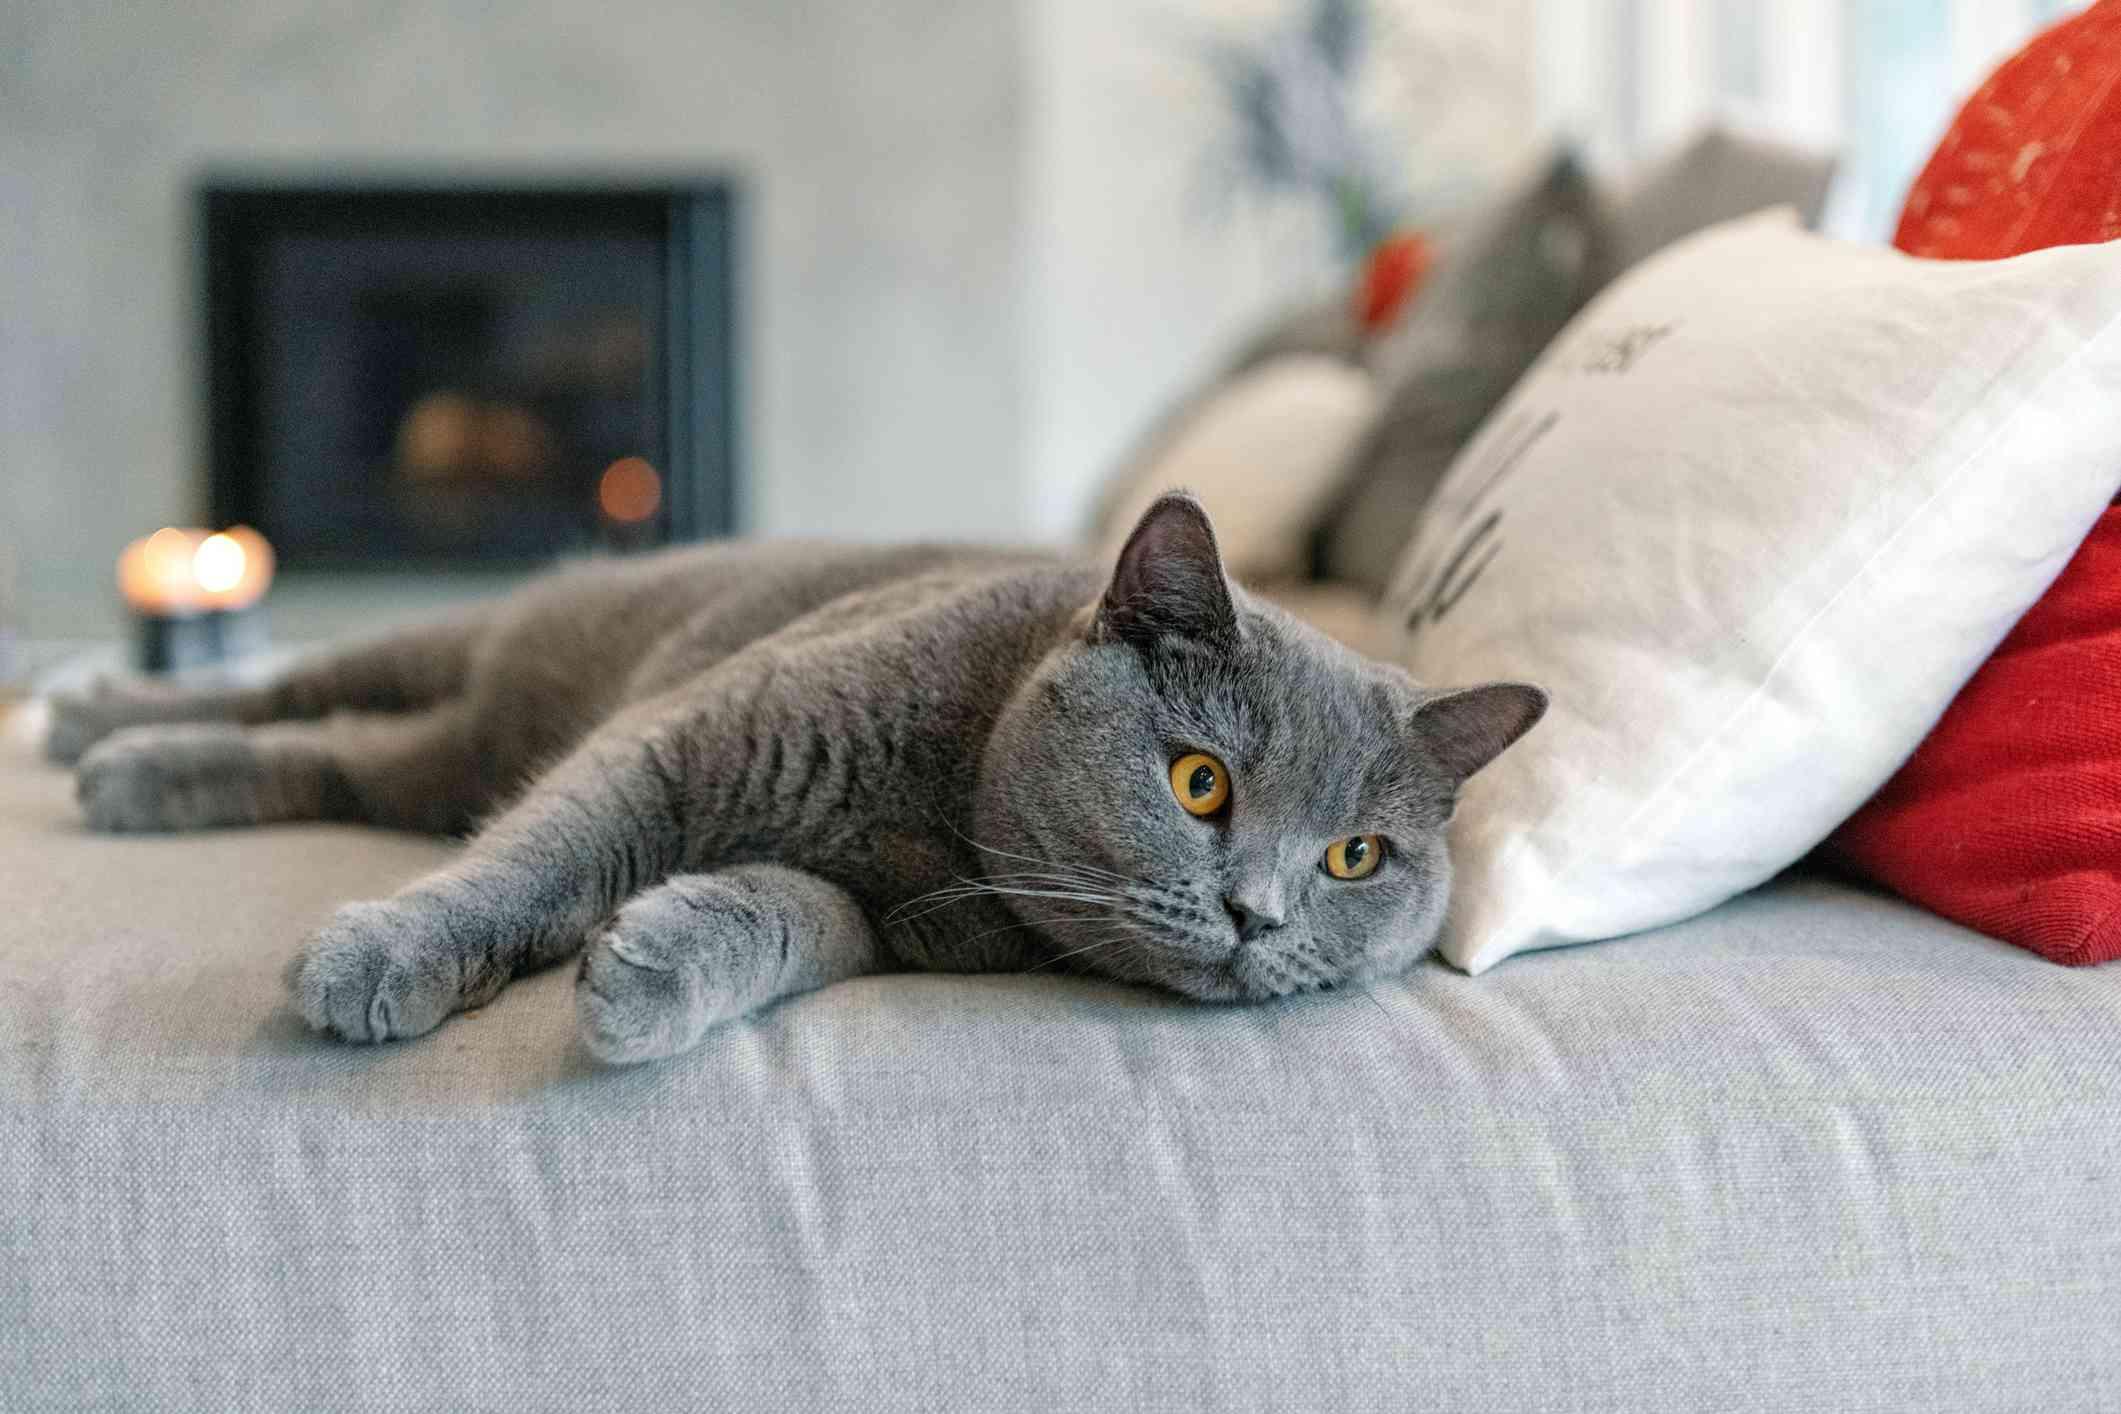 Gato gris británico de pelo corto acostado en el sofá con los ojos abiertos